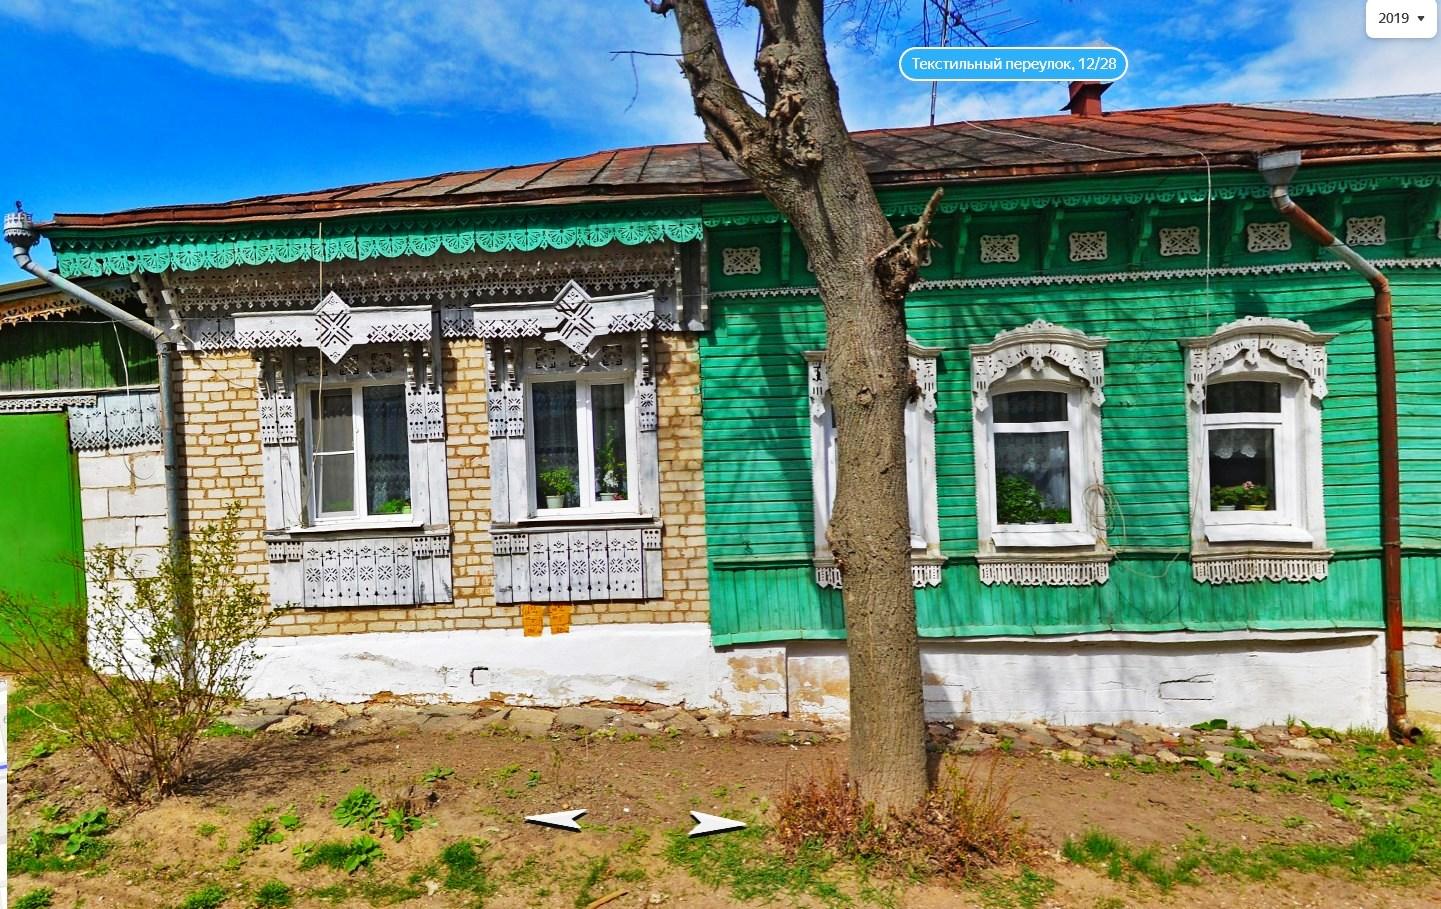 Текстильный переулок в городе Боровске